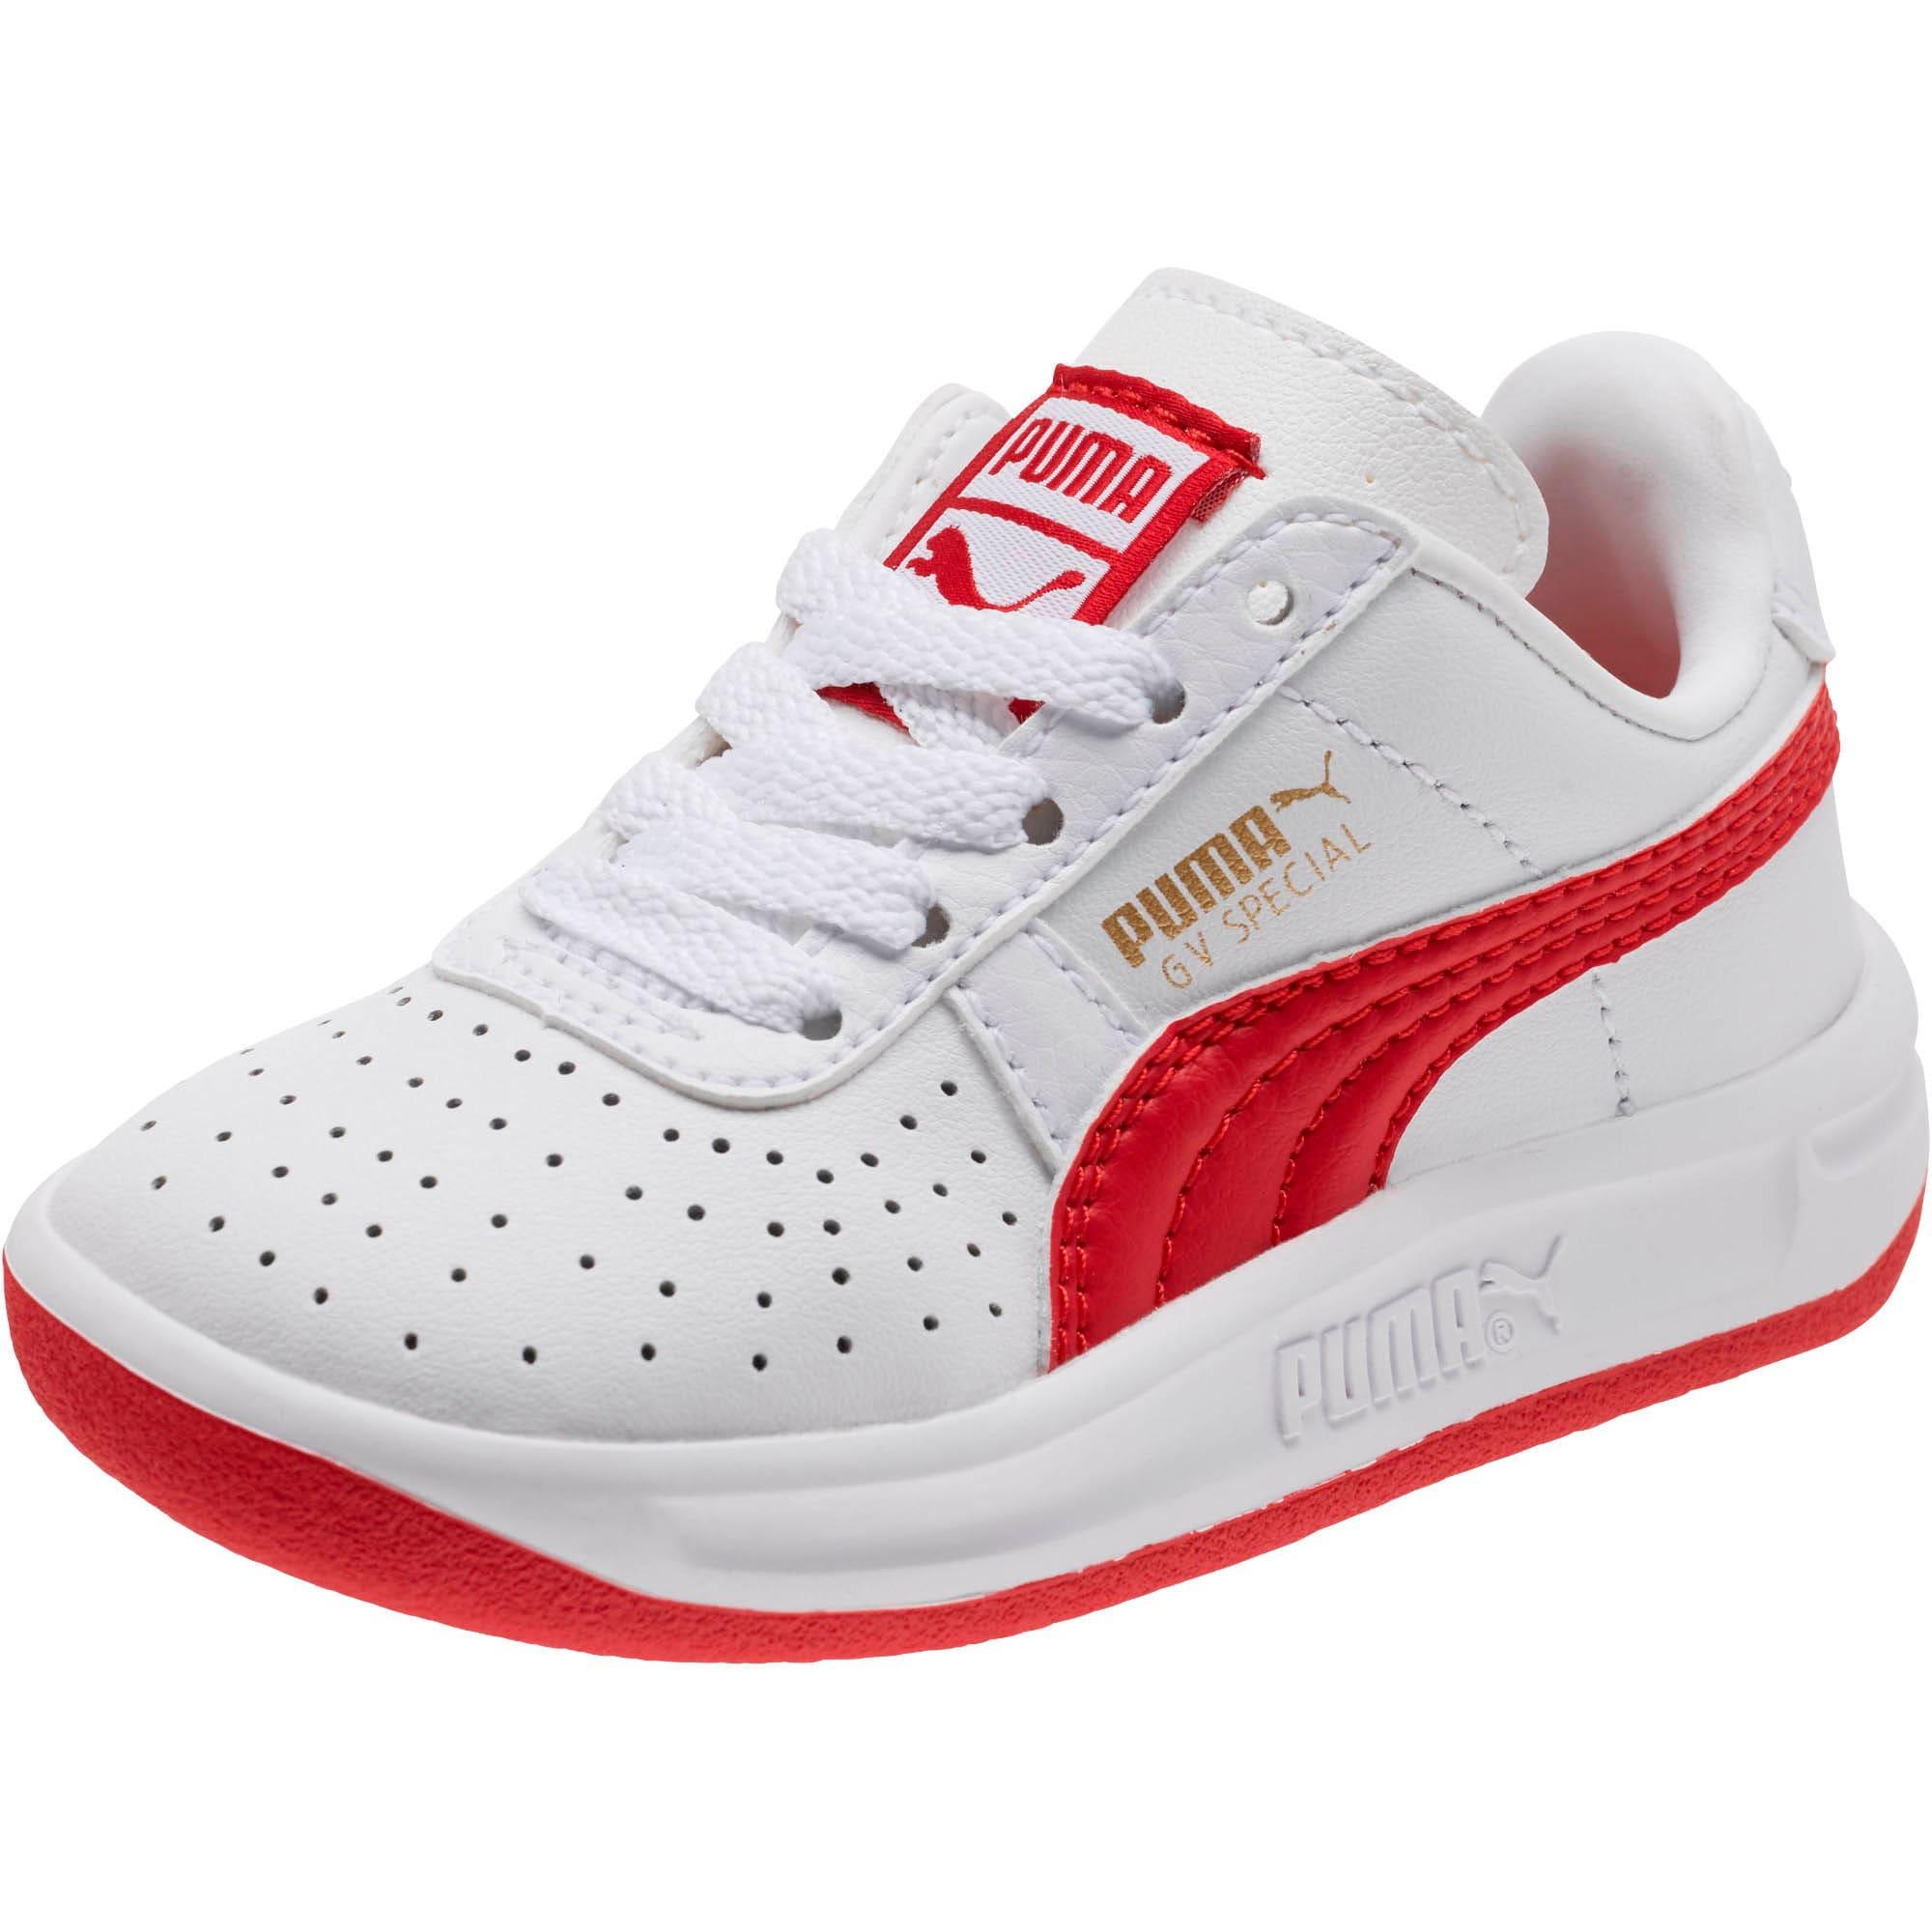 Miniatura 1 de Zapatos GV Special para bebés, Puma White-Ribbon Red, mediano